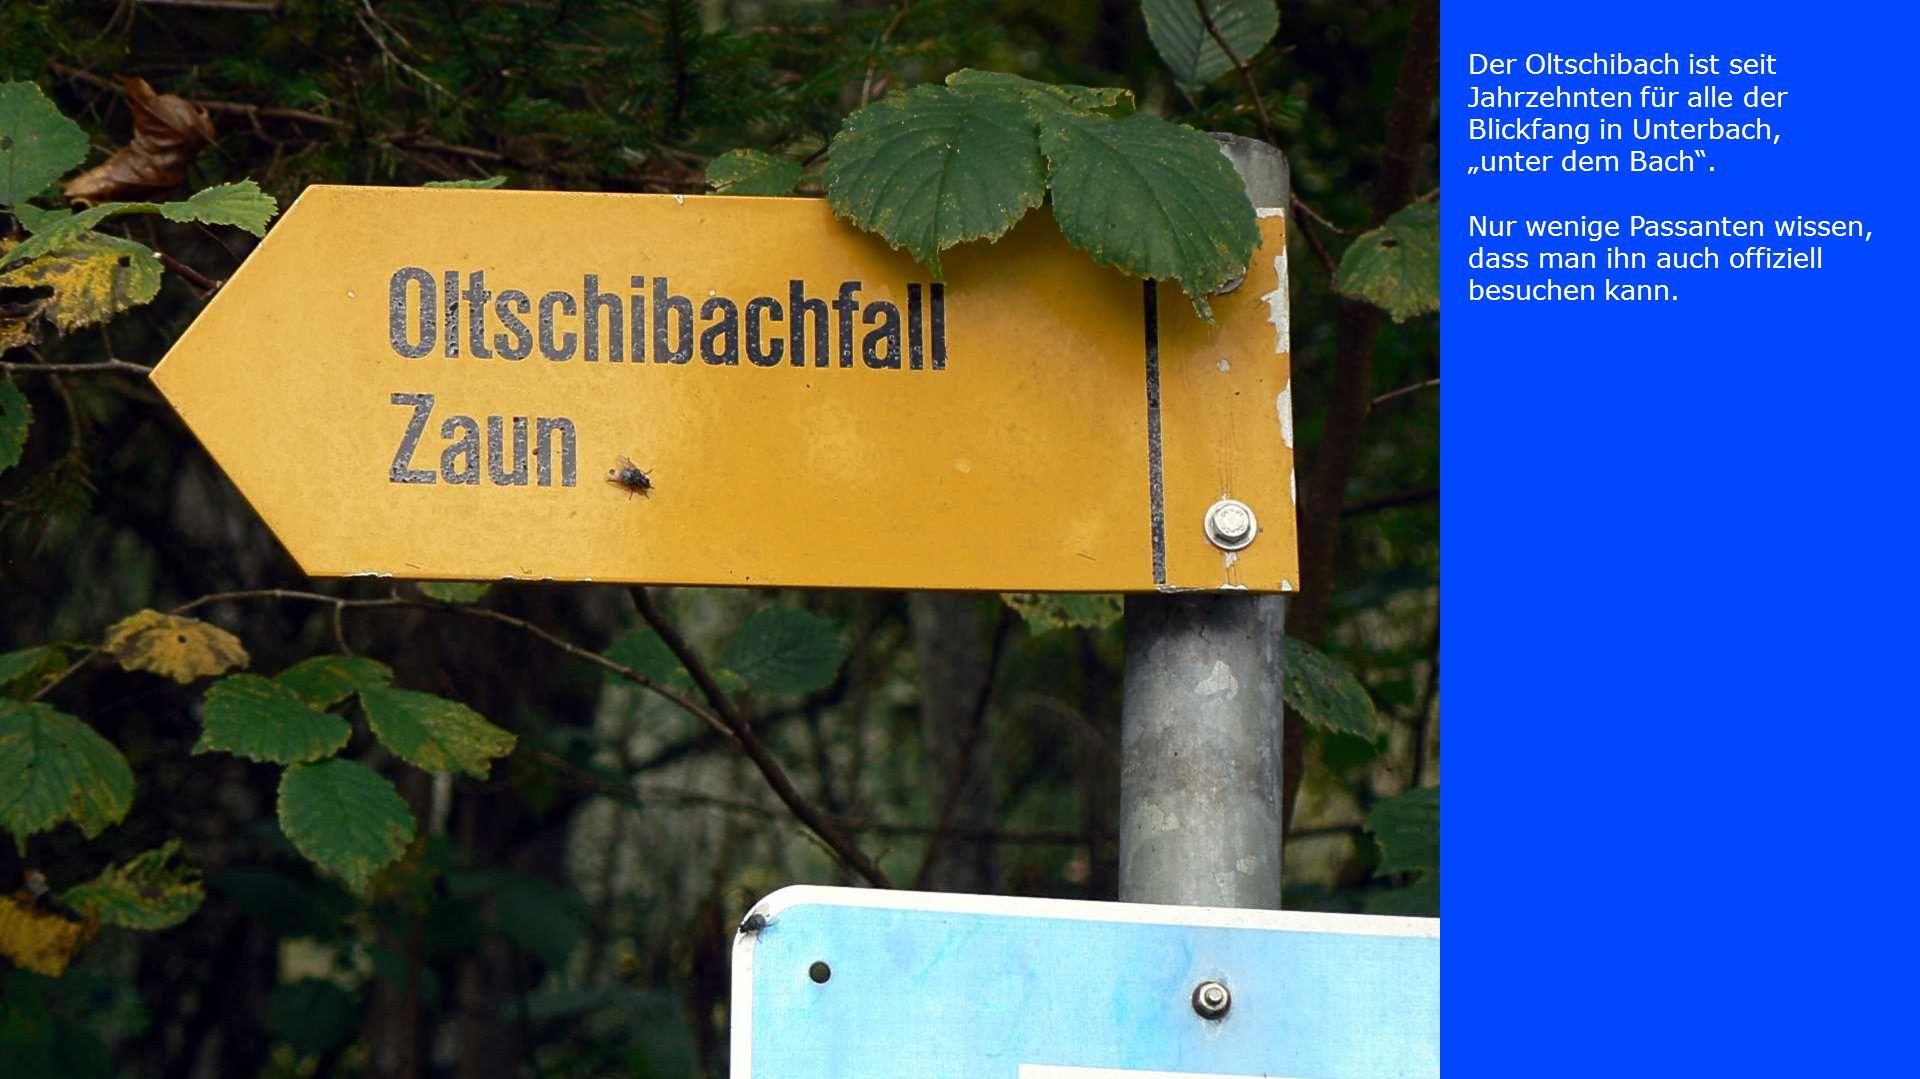 """Der Oltschibach ist seit Jahrzehnten für alle der Blickfang in Unterbach, """"unter dem Bach ."""